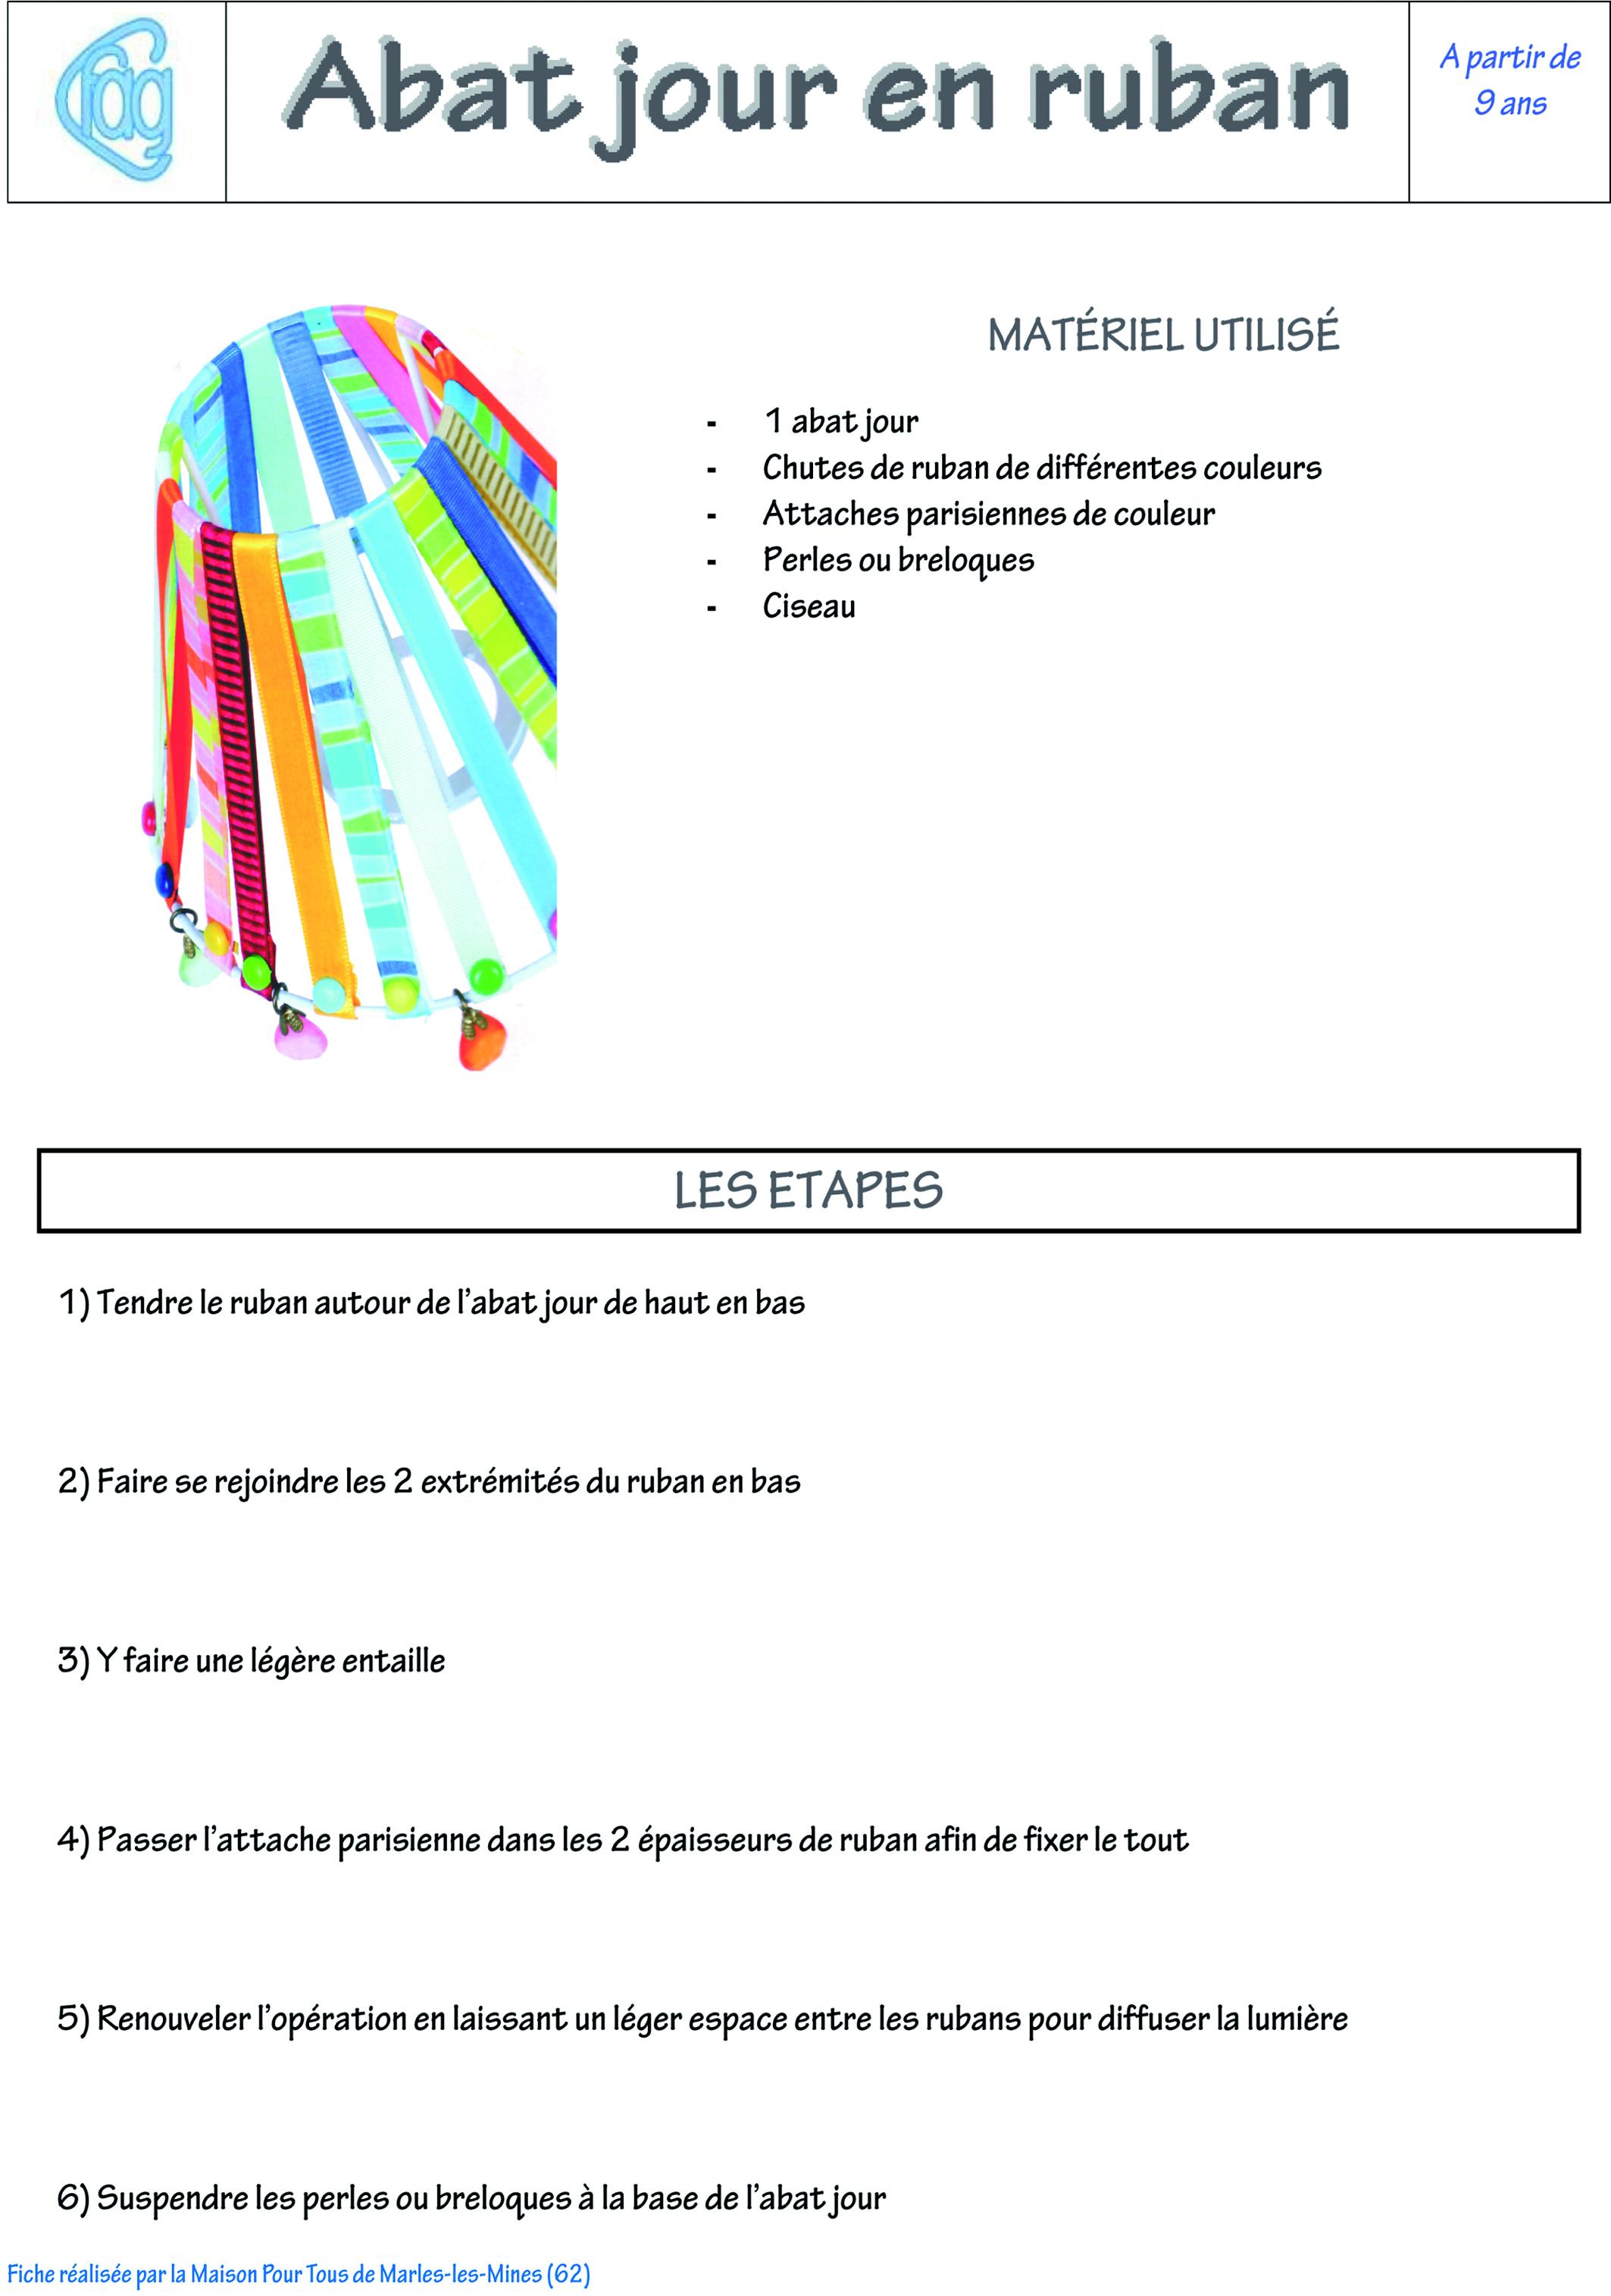 Souvent Activité Manuelle : Abat-jour – CFAG KE23